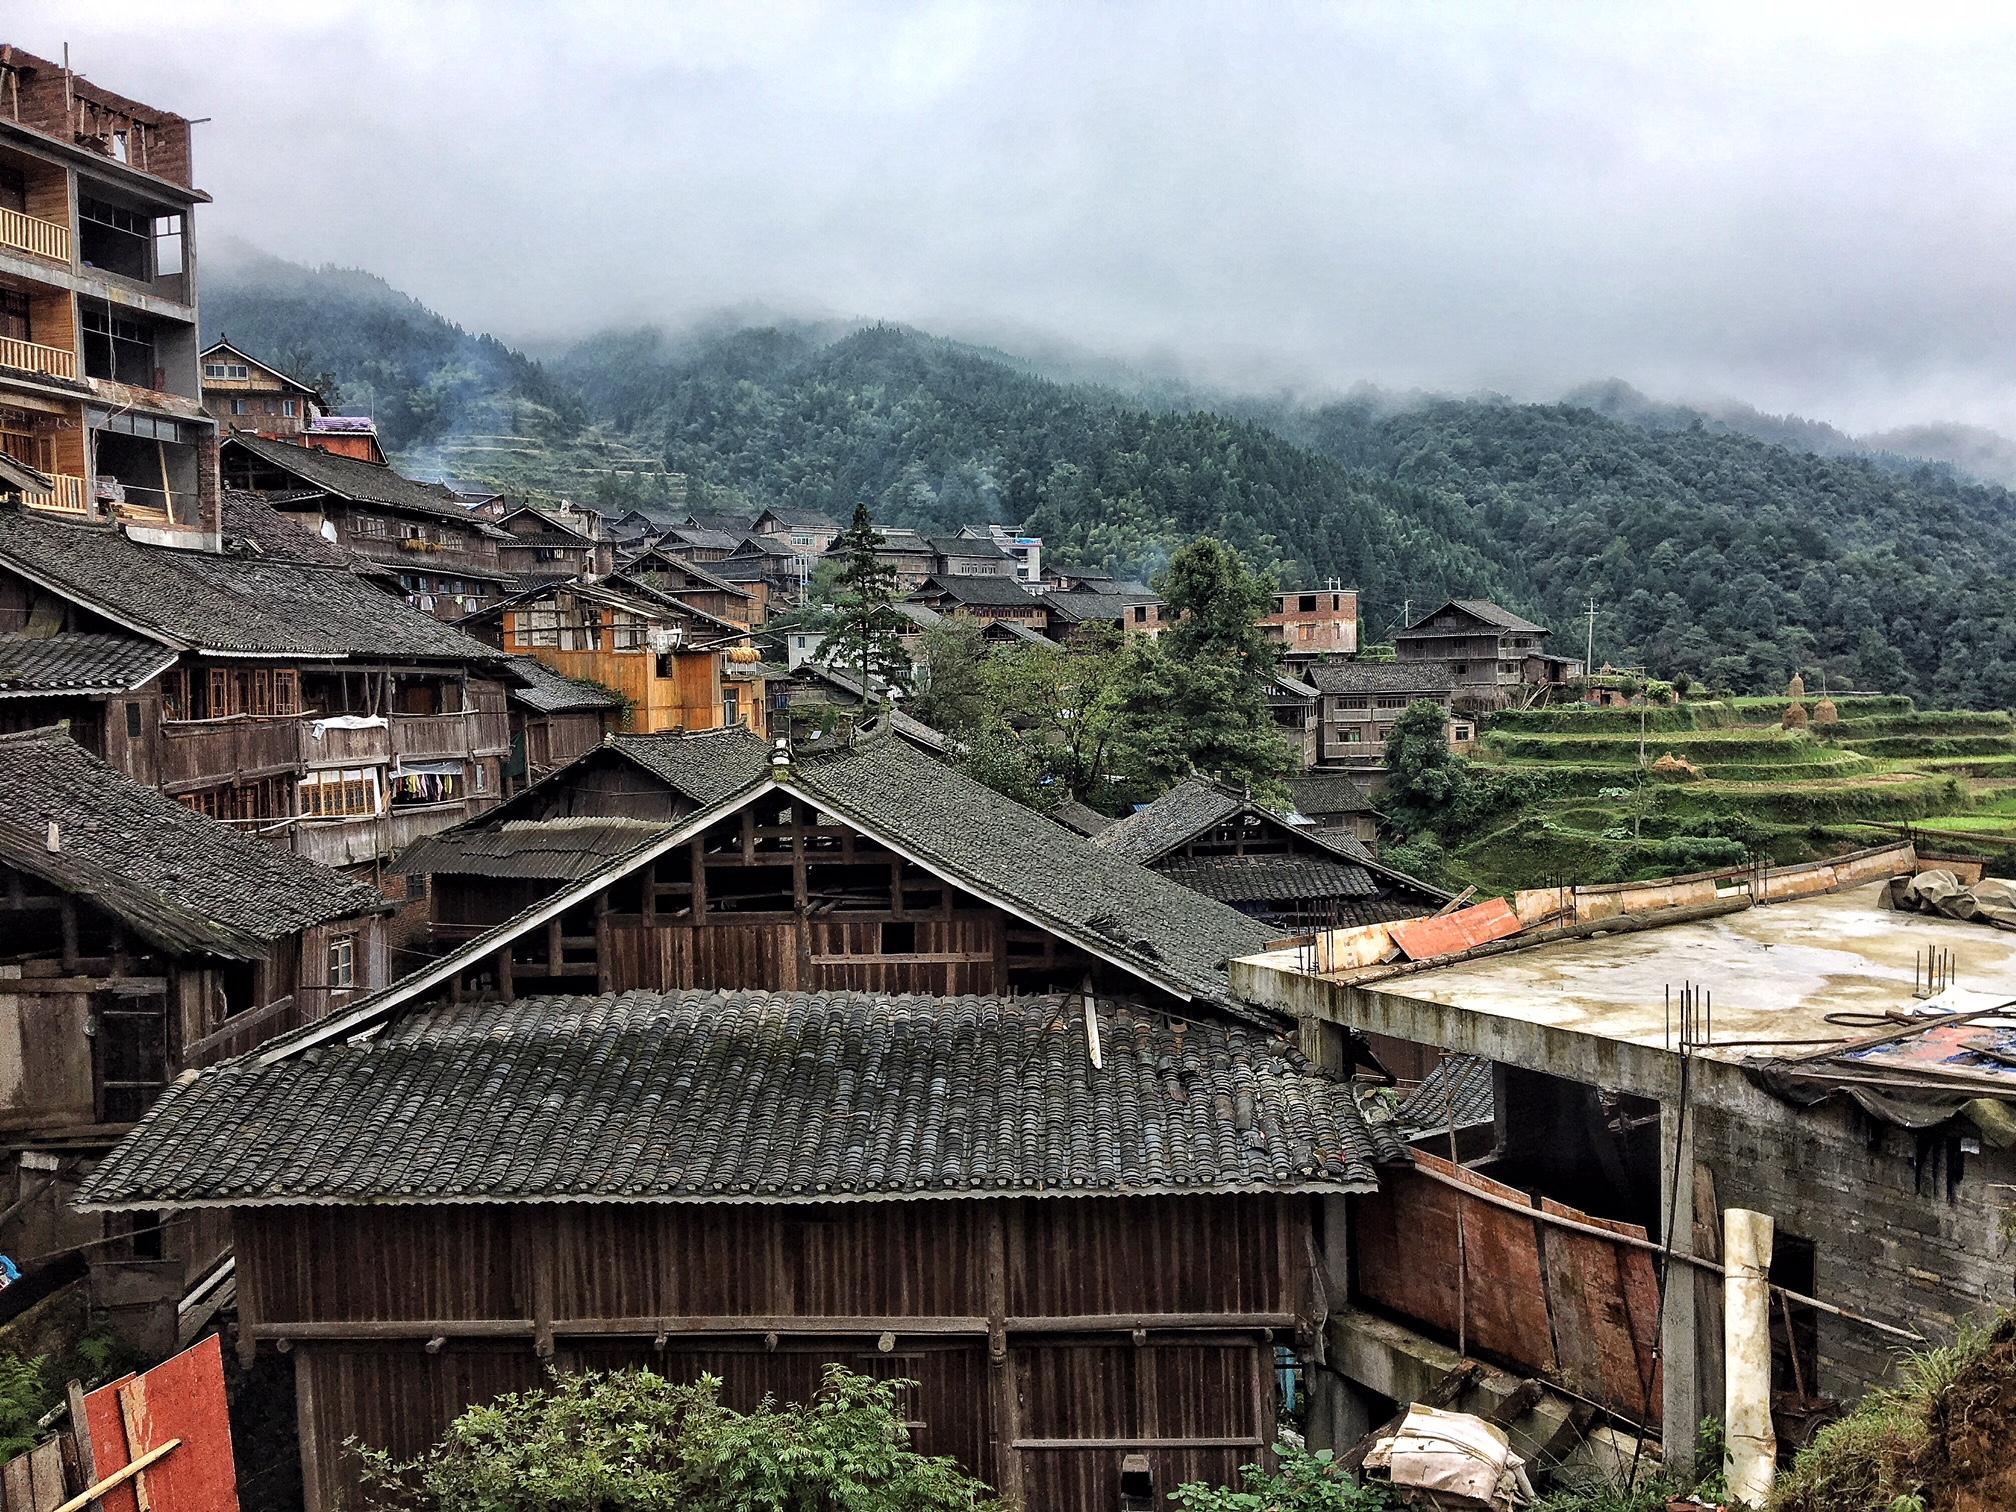 Randonnée près de Zhaoxing, une des 6 villes d'Asie à visiter en 2018